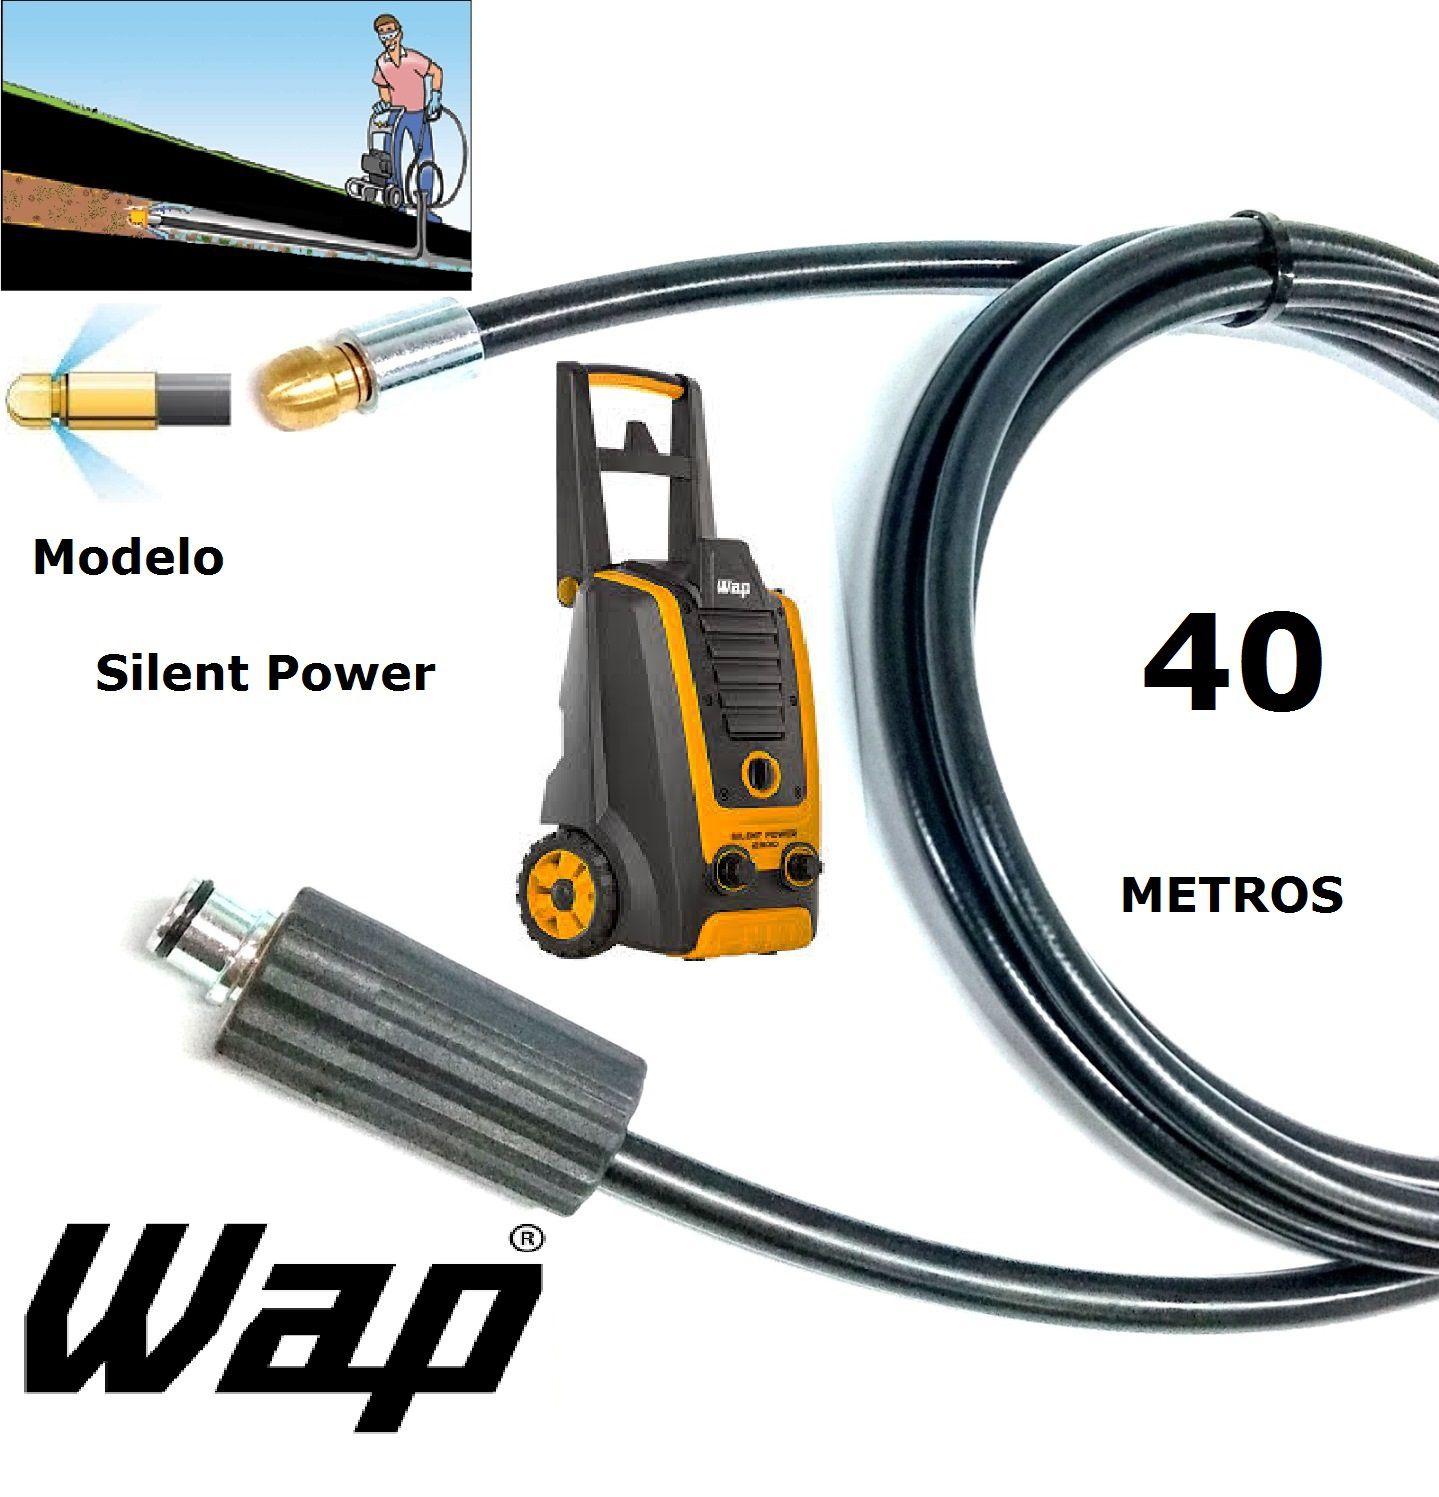 Mangueira desentupidora de tubulação WAP - 40 Metros - Wap SILENT POWER